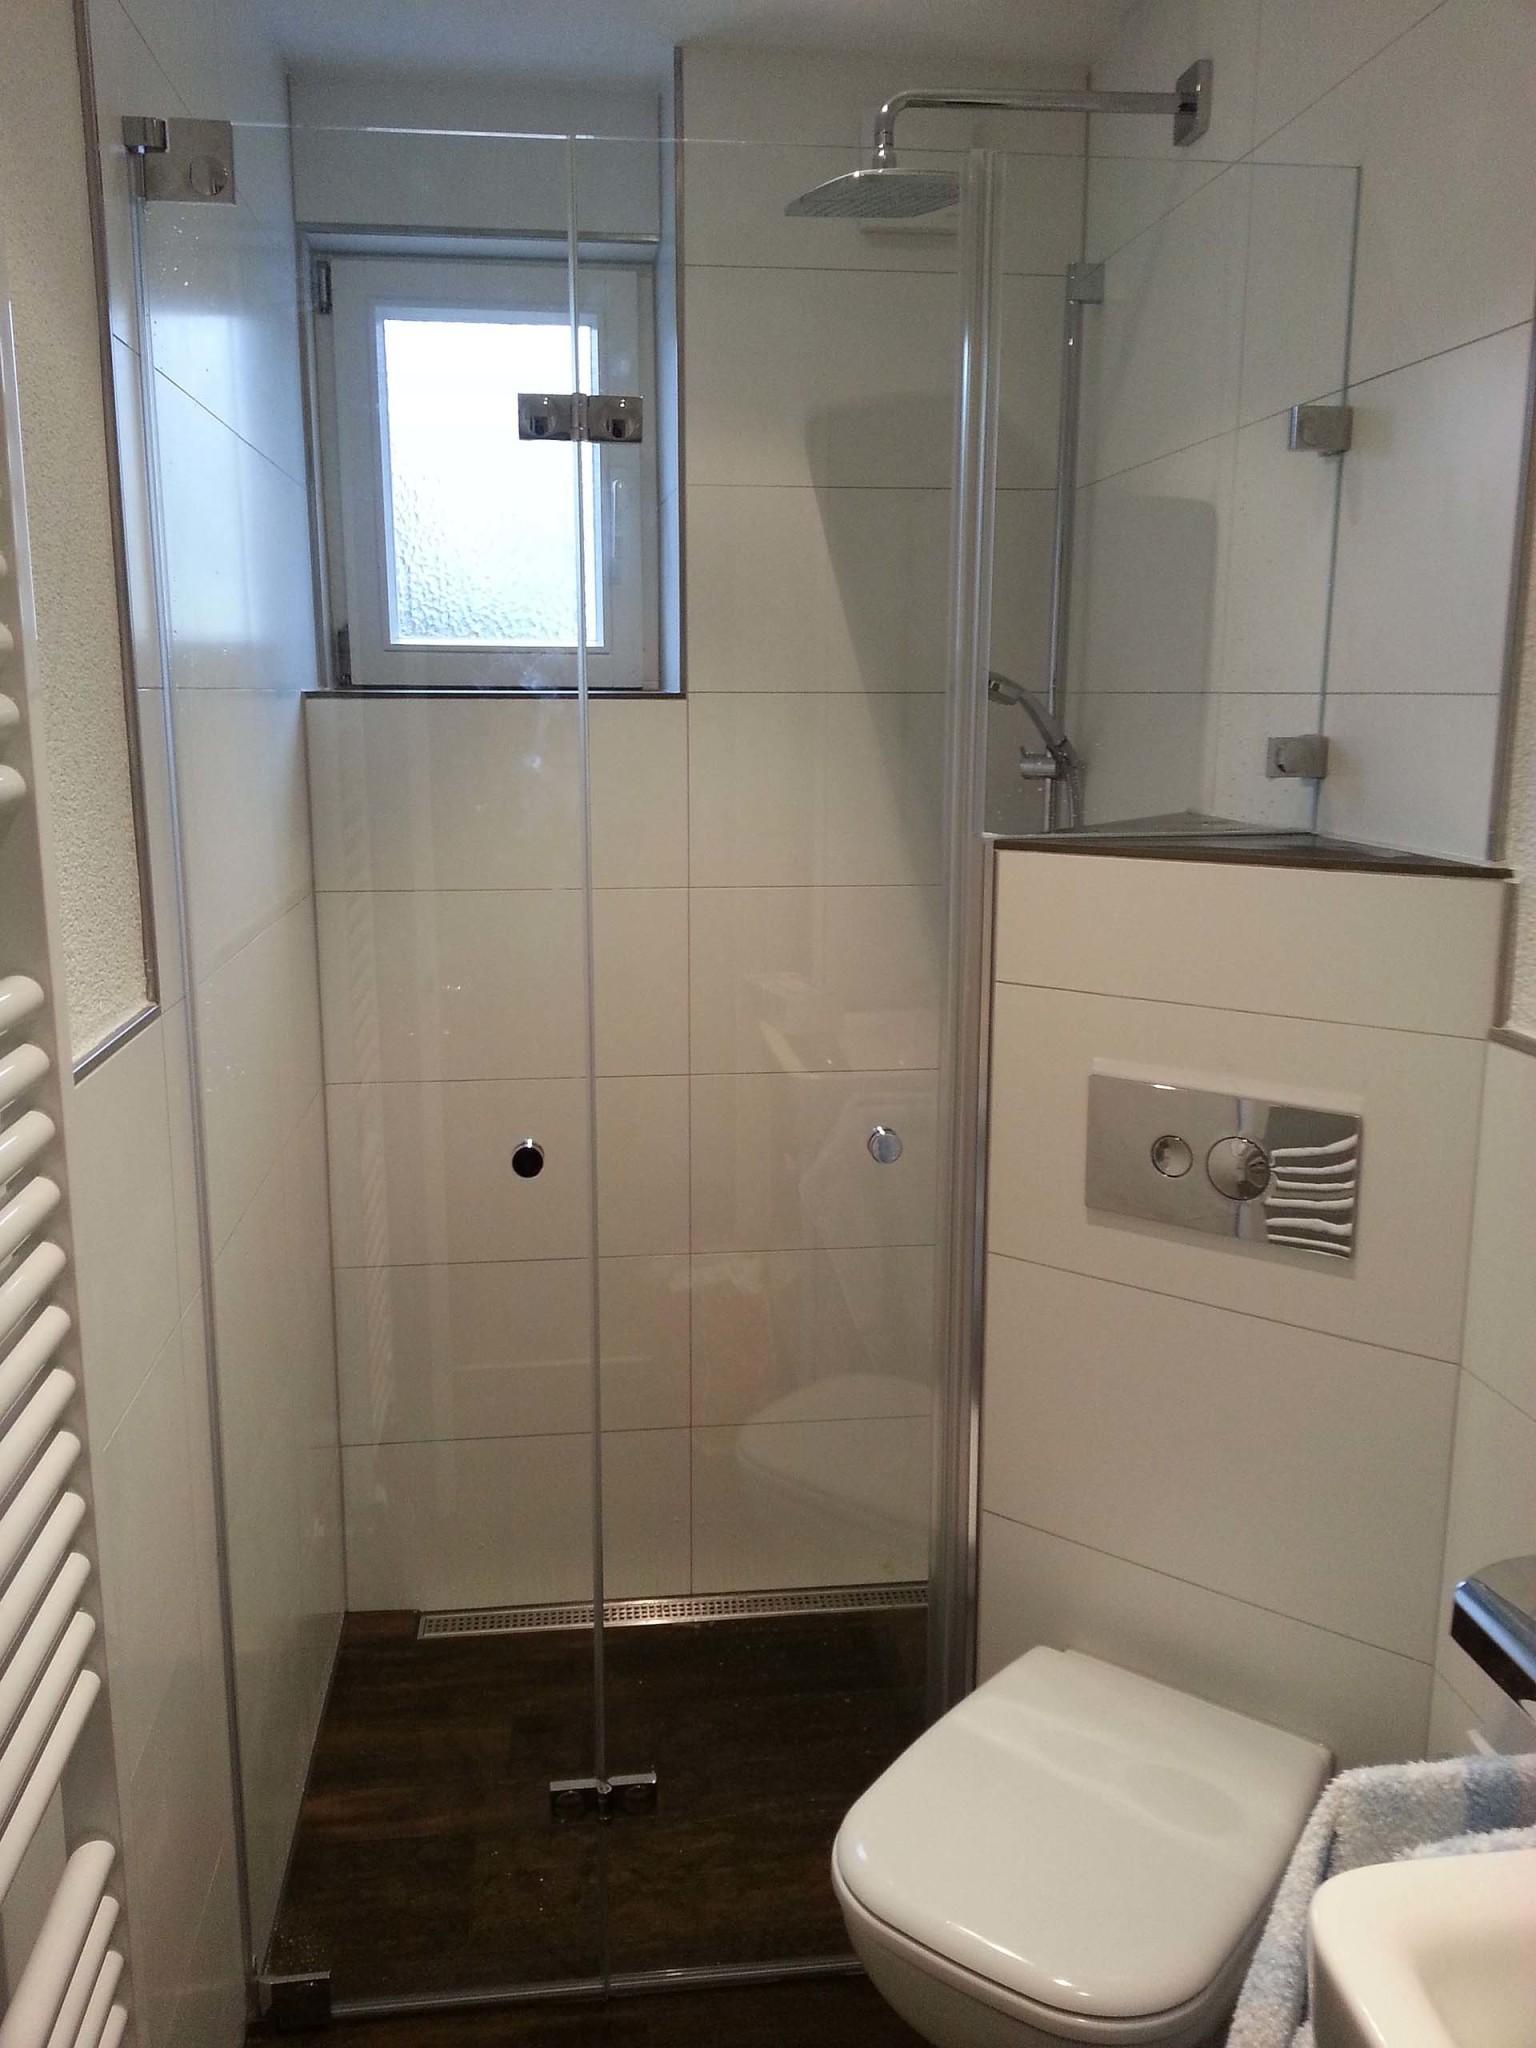 Tiba 470 auf bodeneben gefliester Dusche mit zusätzlichem Festteil auf dem Mauersockel